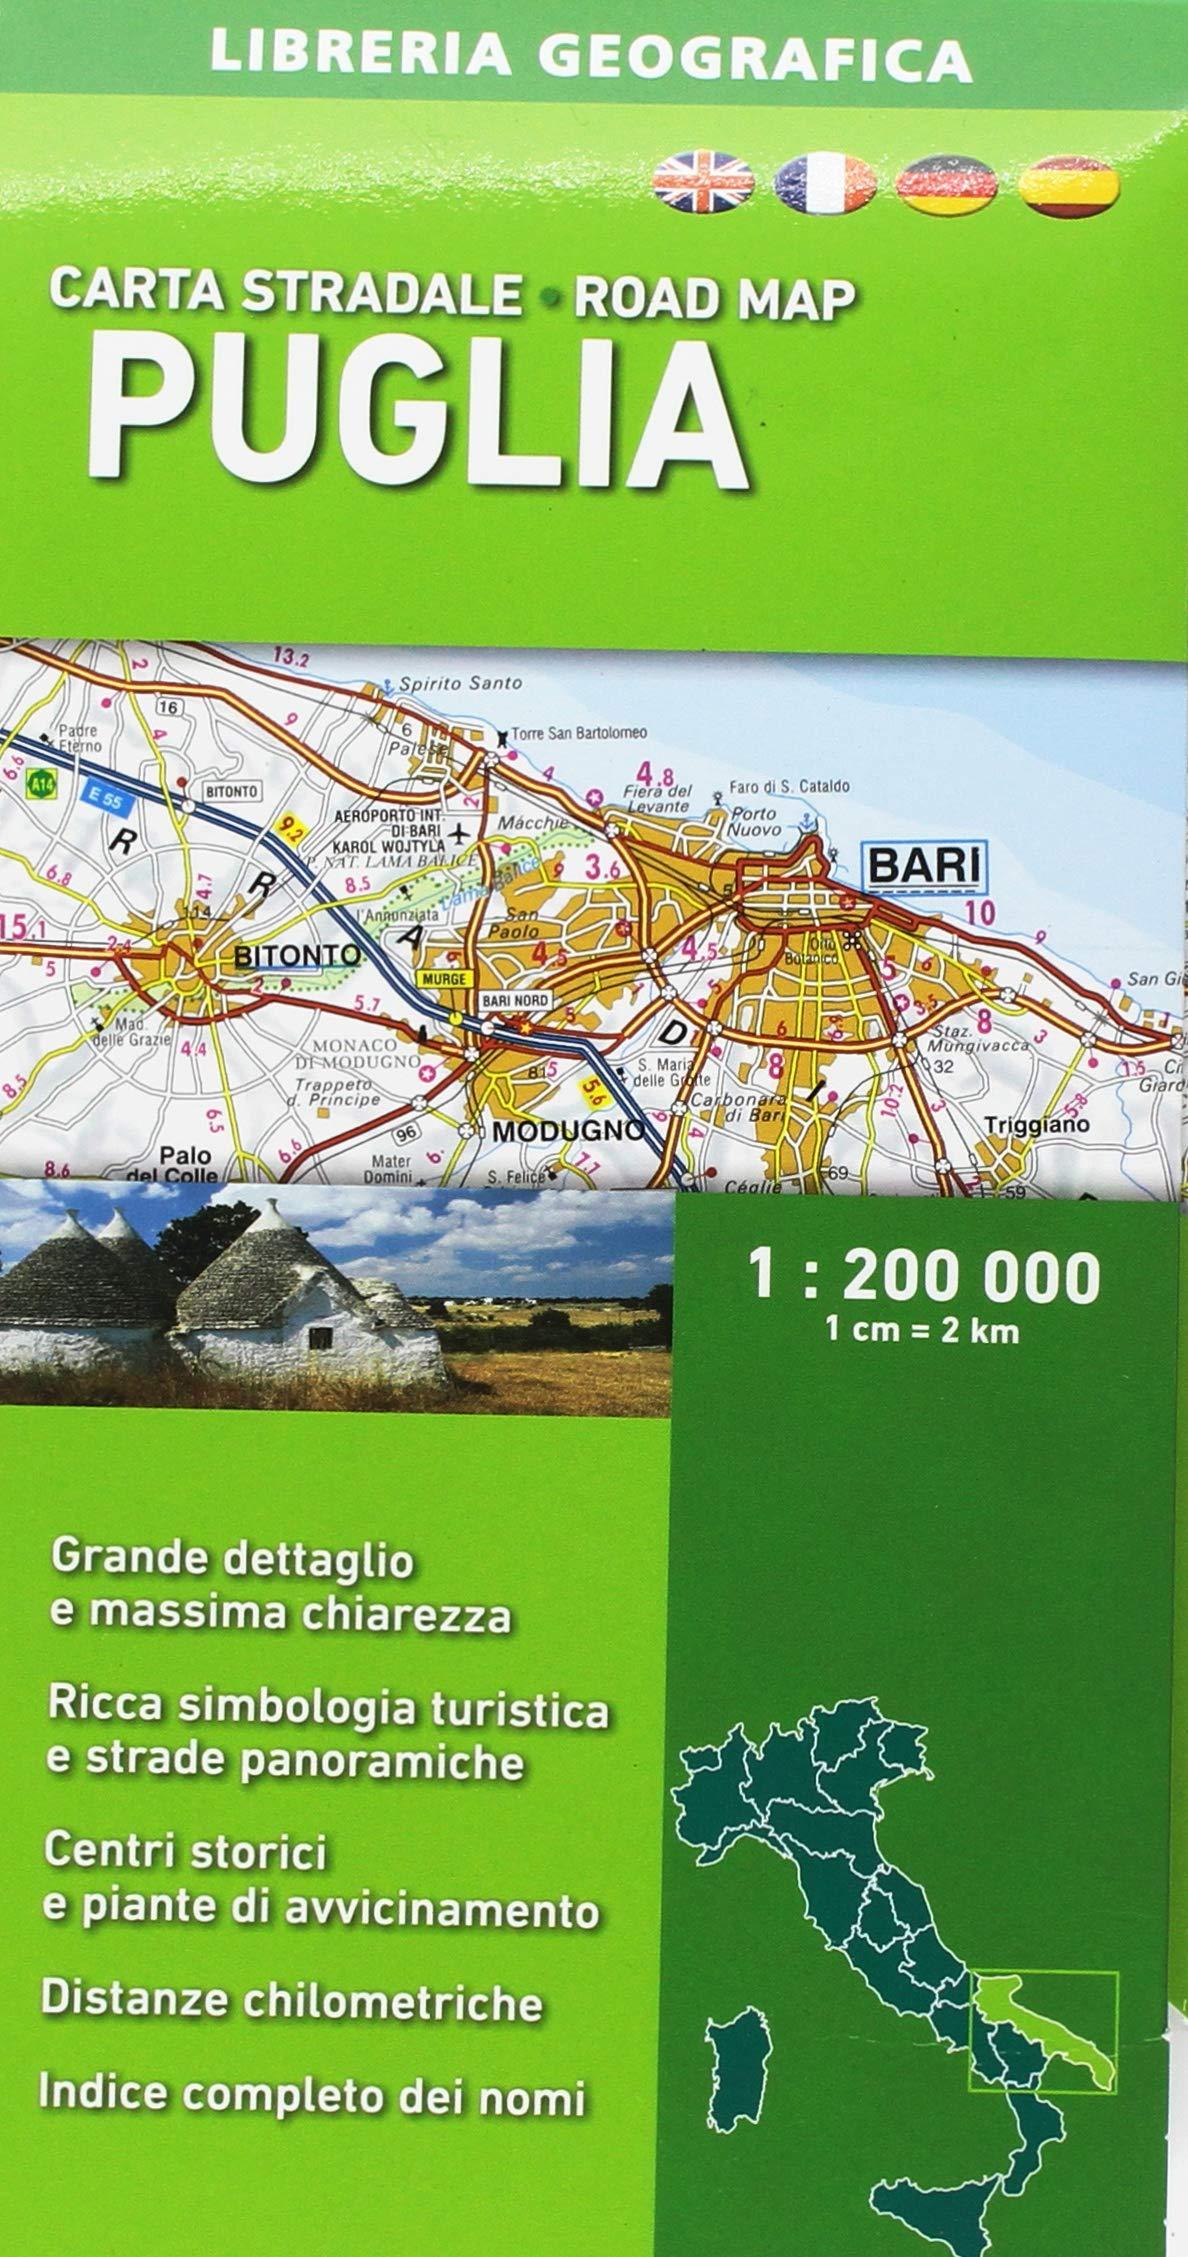 Cartina Autostradale Della Puglia.Amazon It Carta Stradale Della Puglia 1 200 000 Libri